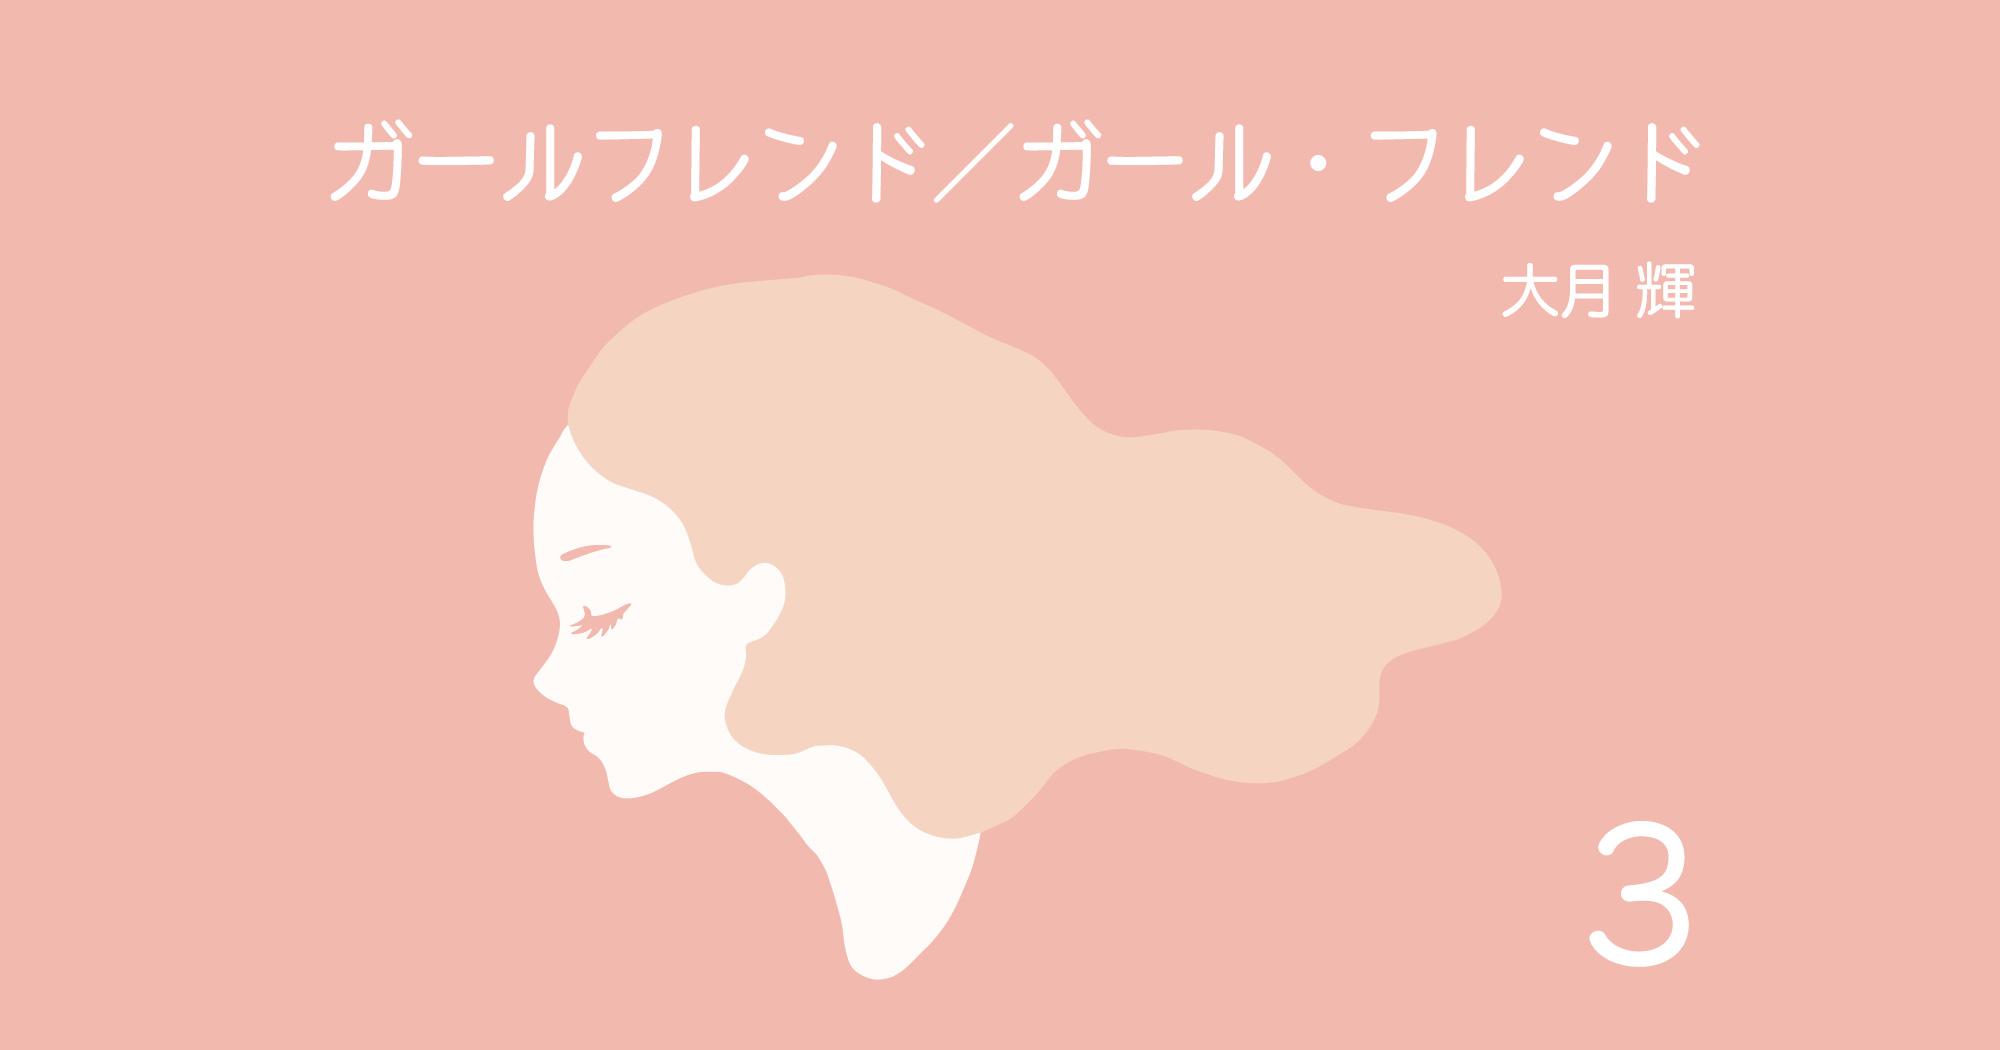 ガールフレンド/ガール・フレンド - 3